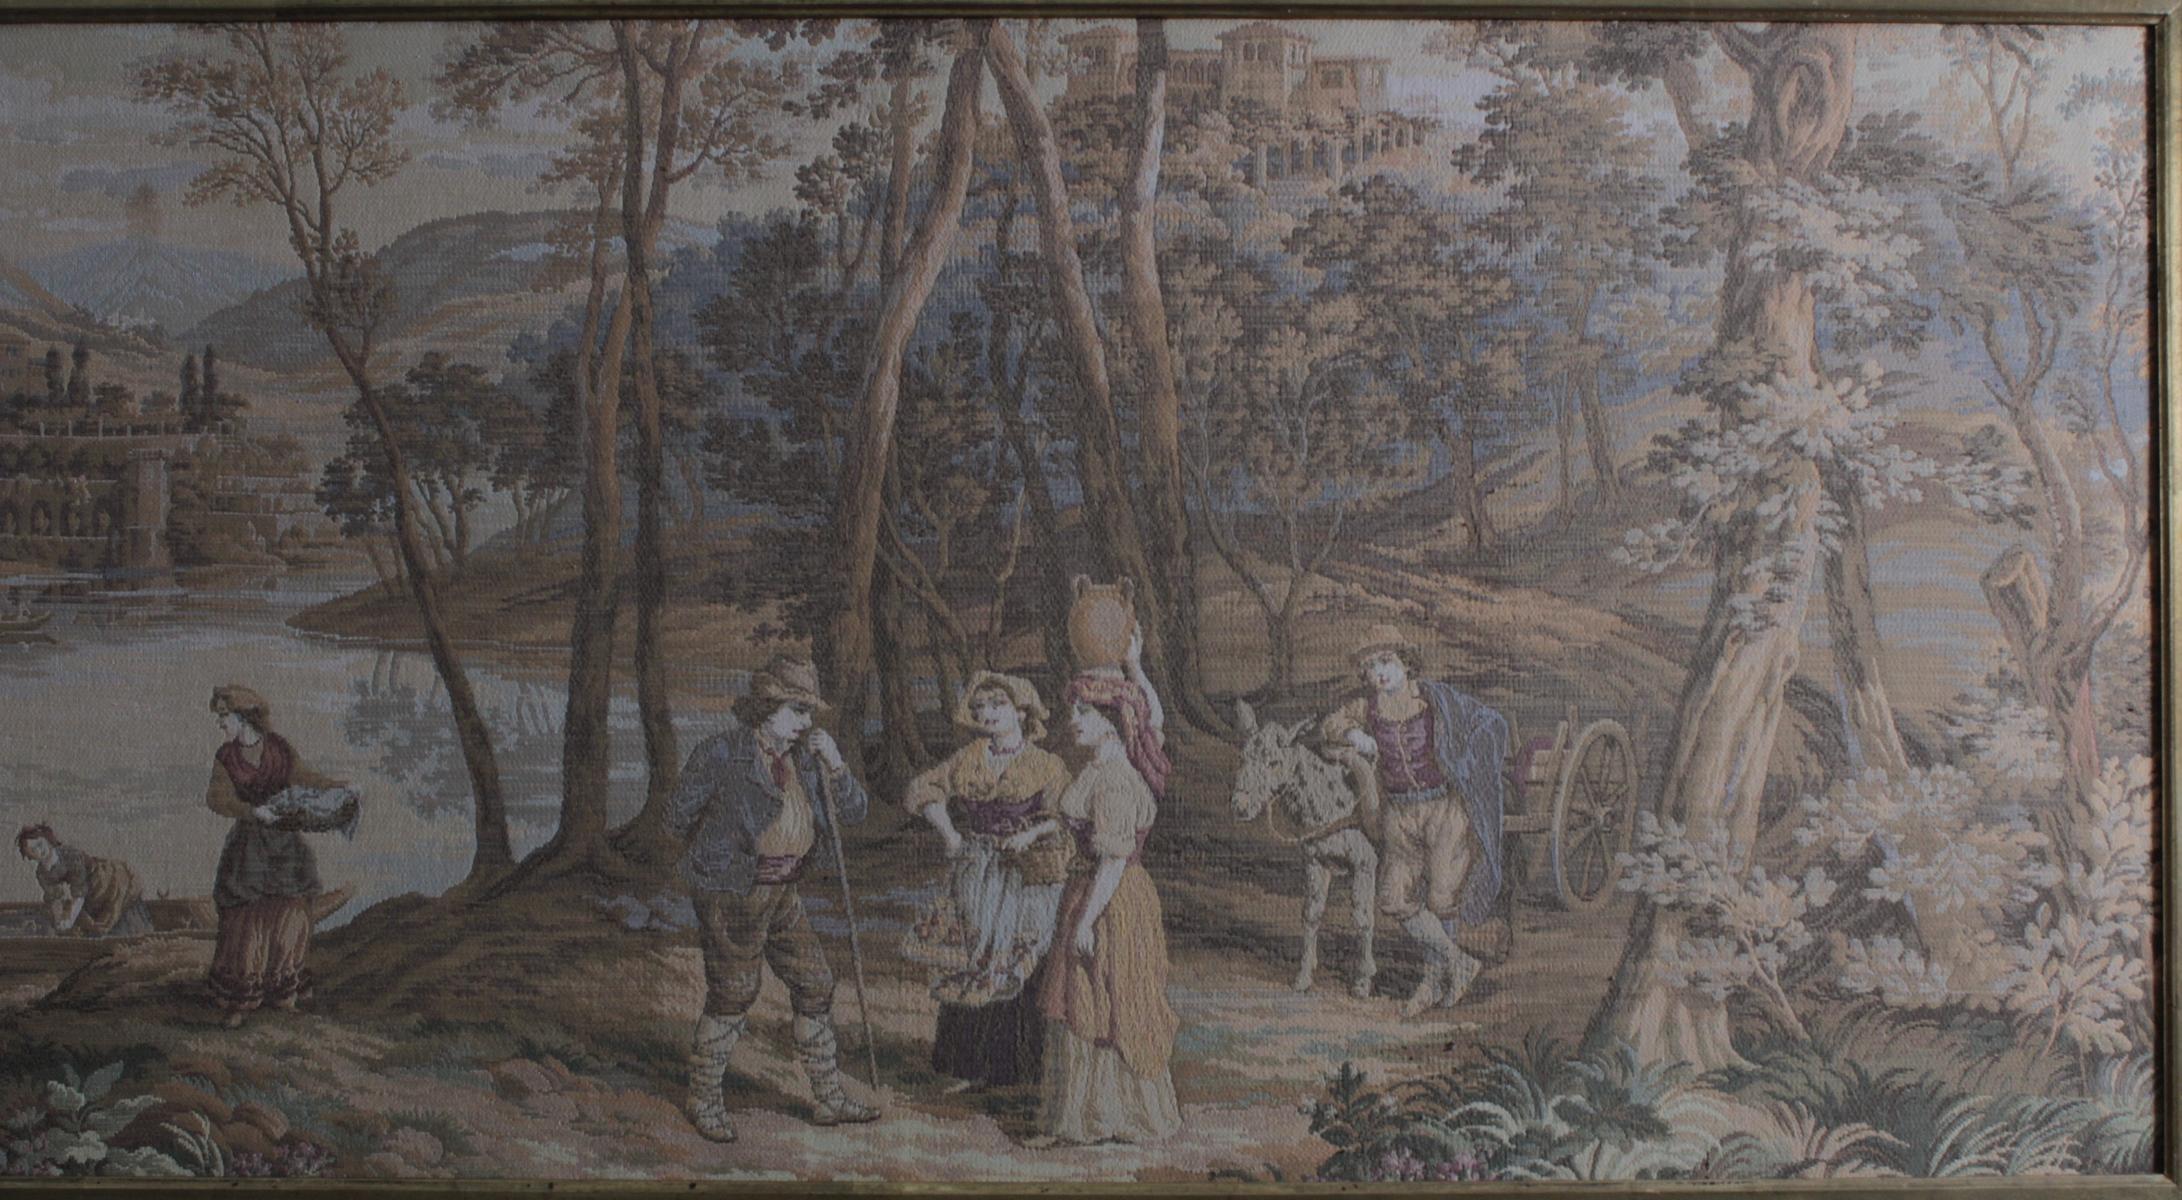 Großer Gobelin, mittelalterliche Szene, 2. Hälfte 20. Jh.-3